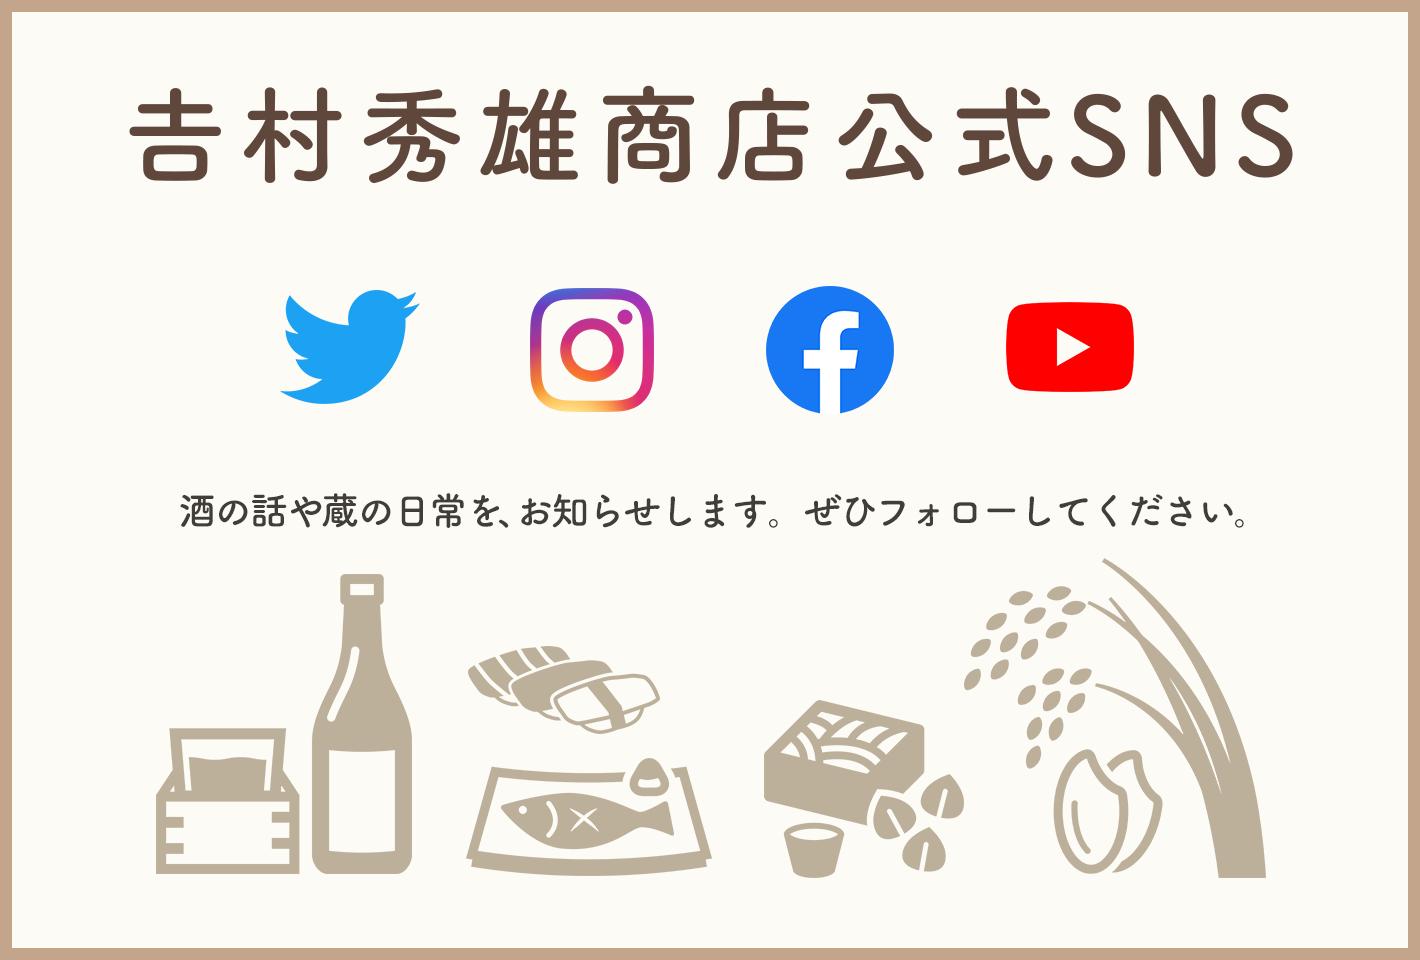 吉村秀雄商店公式SNS 蔵の日常、新製品・イベント情報をお知らせします。